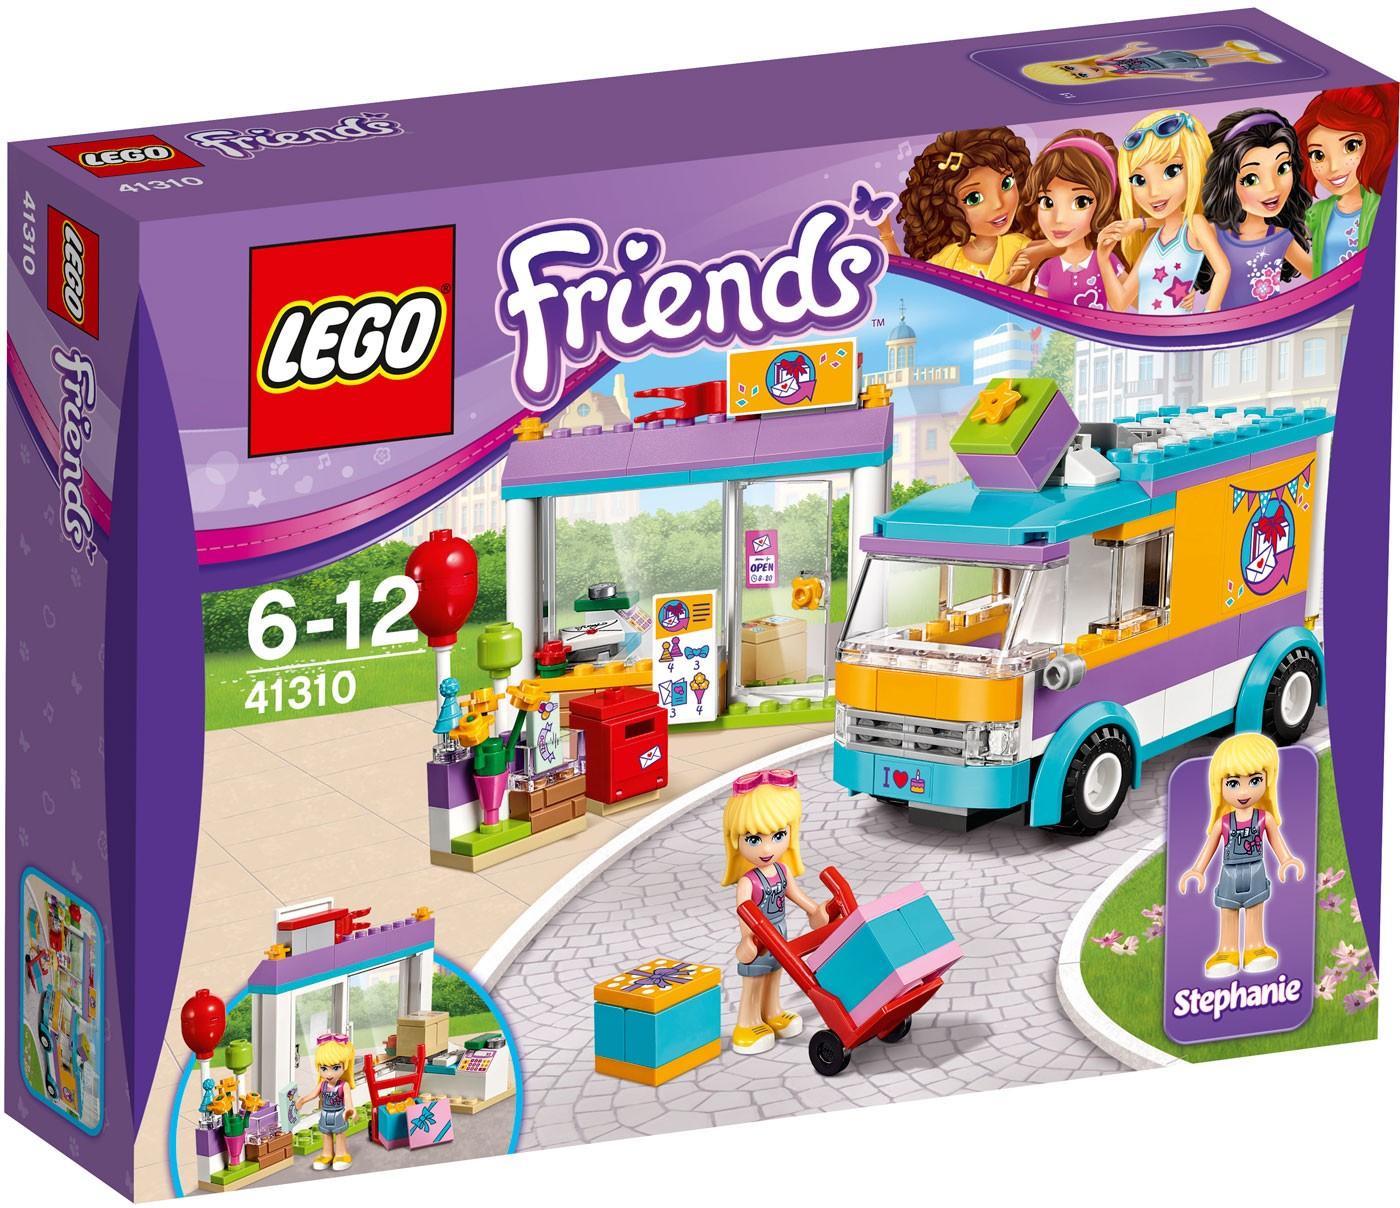 Fan Designed Lego Friends Heartlake City: Heartlake Times: 2017 LEGO Friends Sets